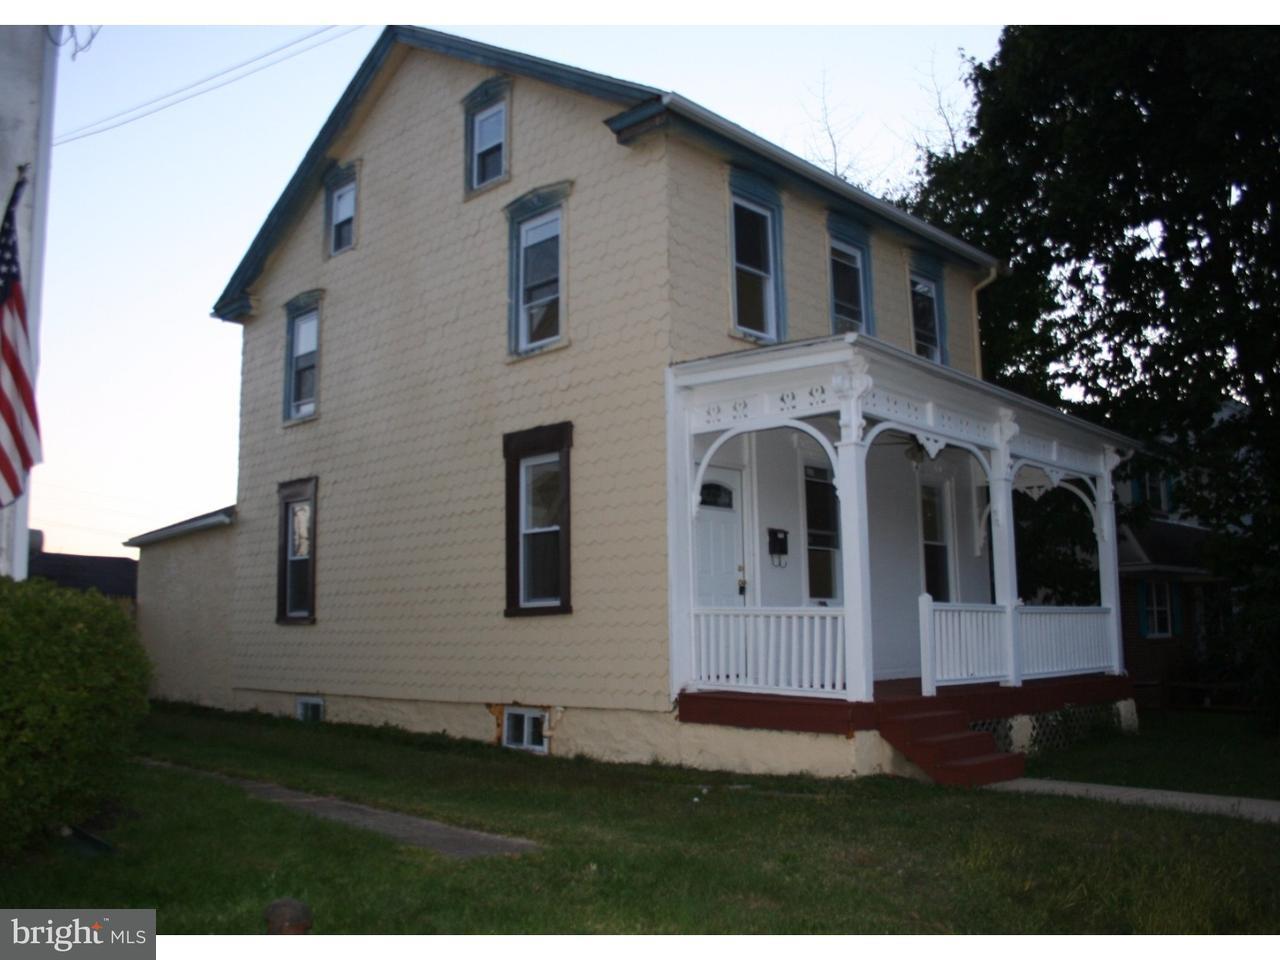 Casa Unifamiliar por un Alquiler en 164 JENKINS Avenue Lansdale, Pennsylvania 19446 Estados Unidos